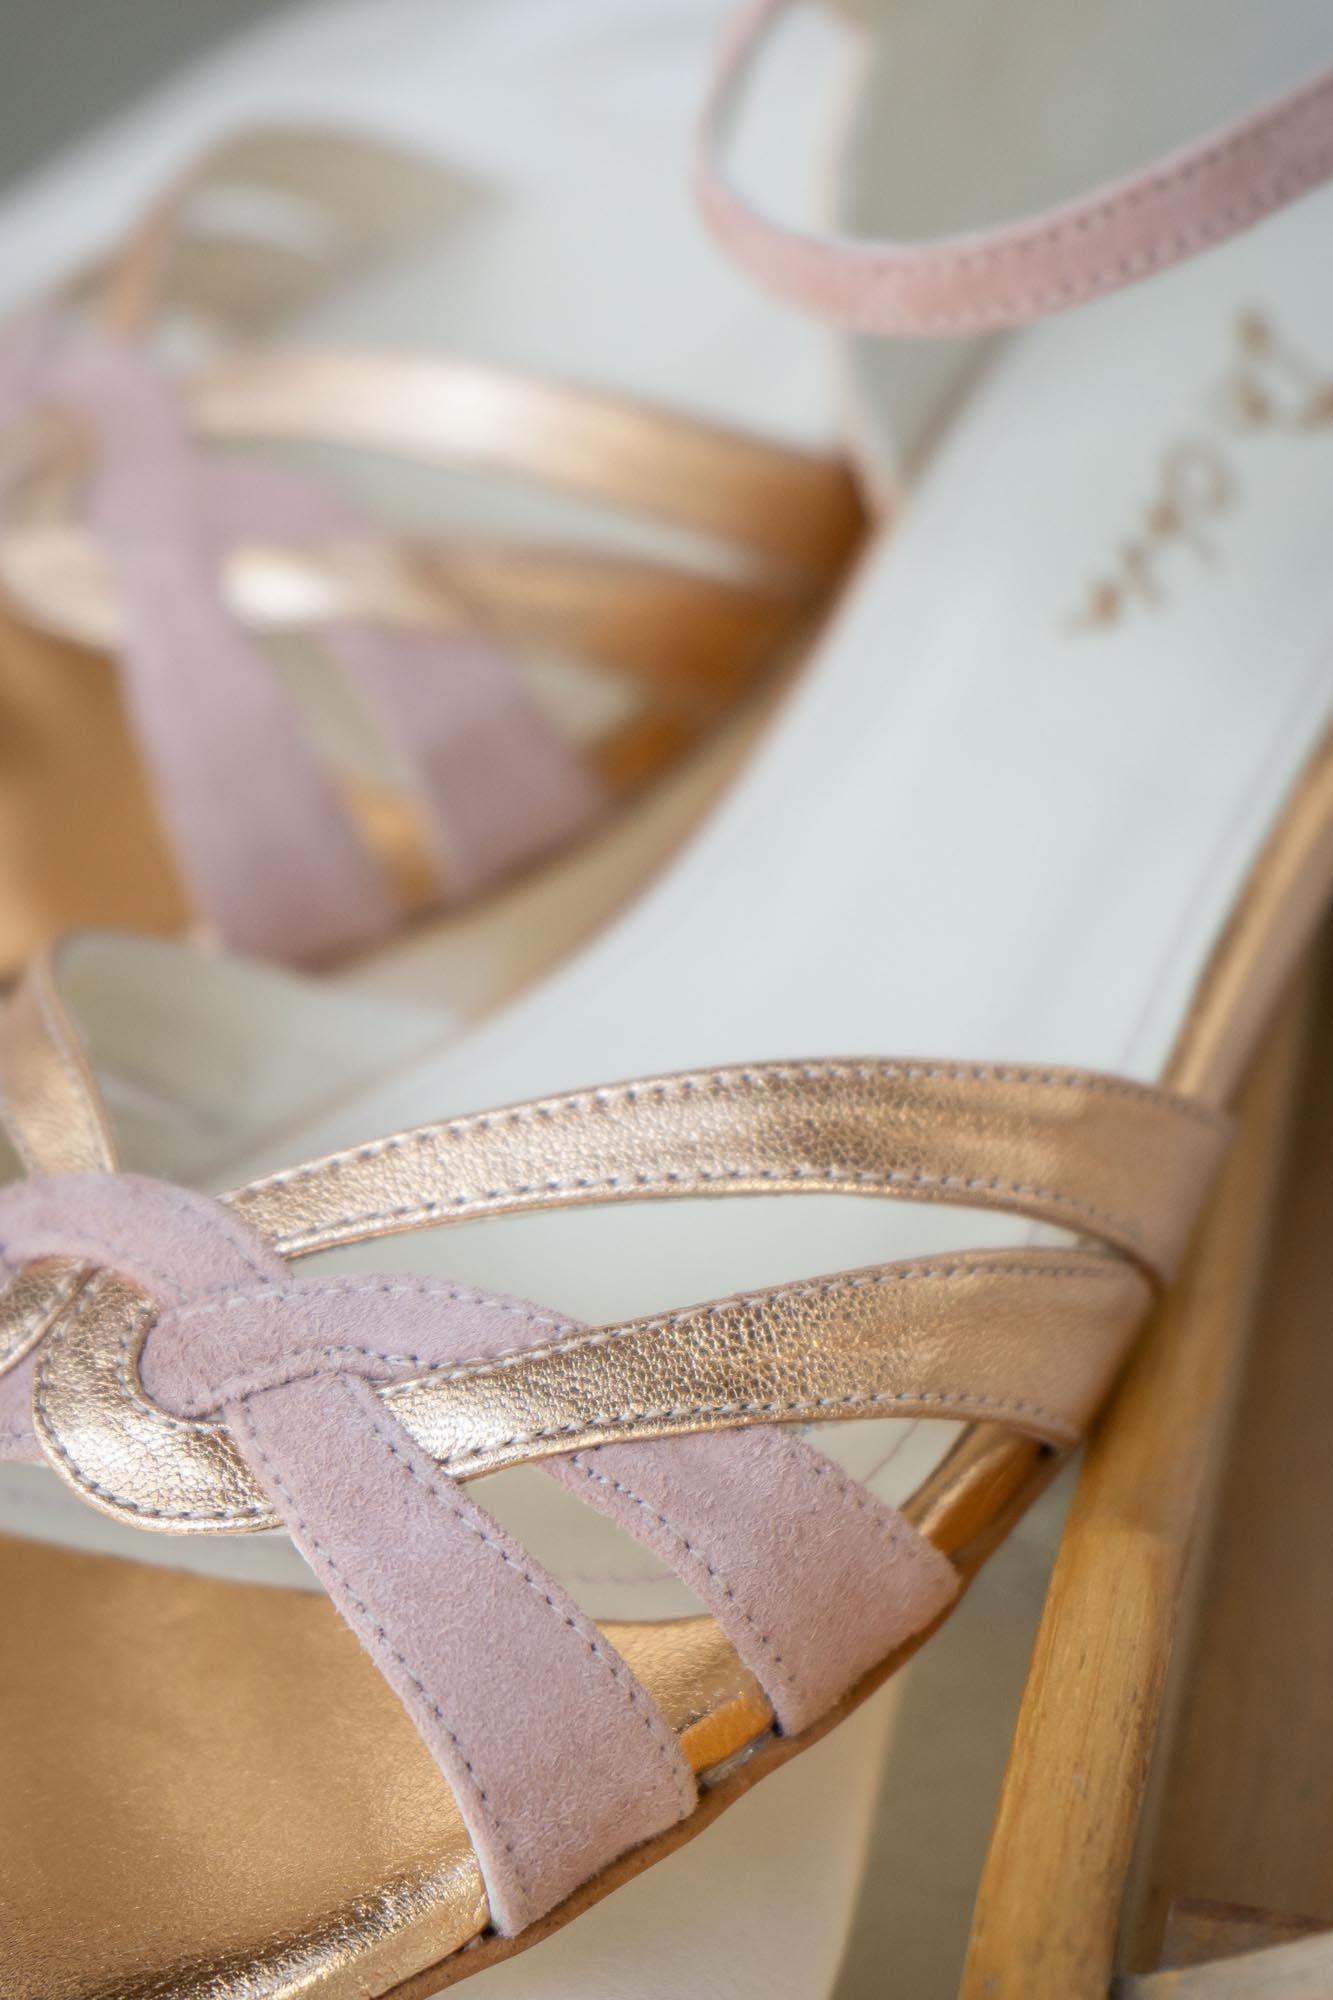 Brautschuh Flache Sandalette In Gold Und Altrosa Zur Hochzeit Athen In 2020 Brautschuhe Braut Sandalen Und Flache Sandalen